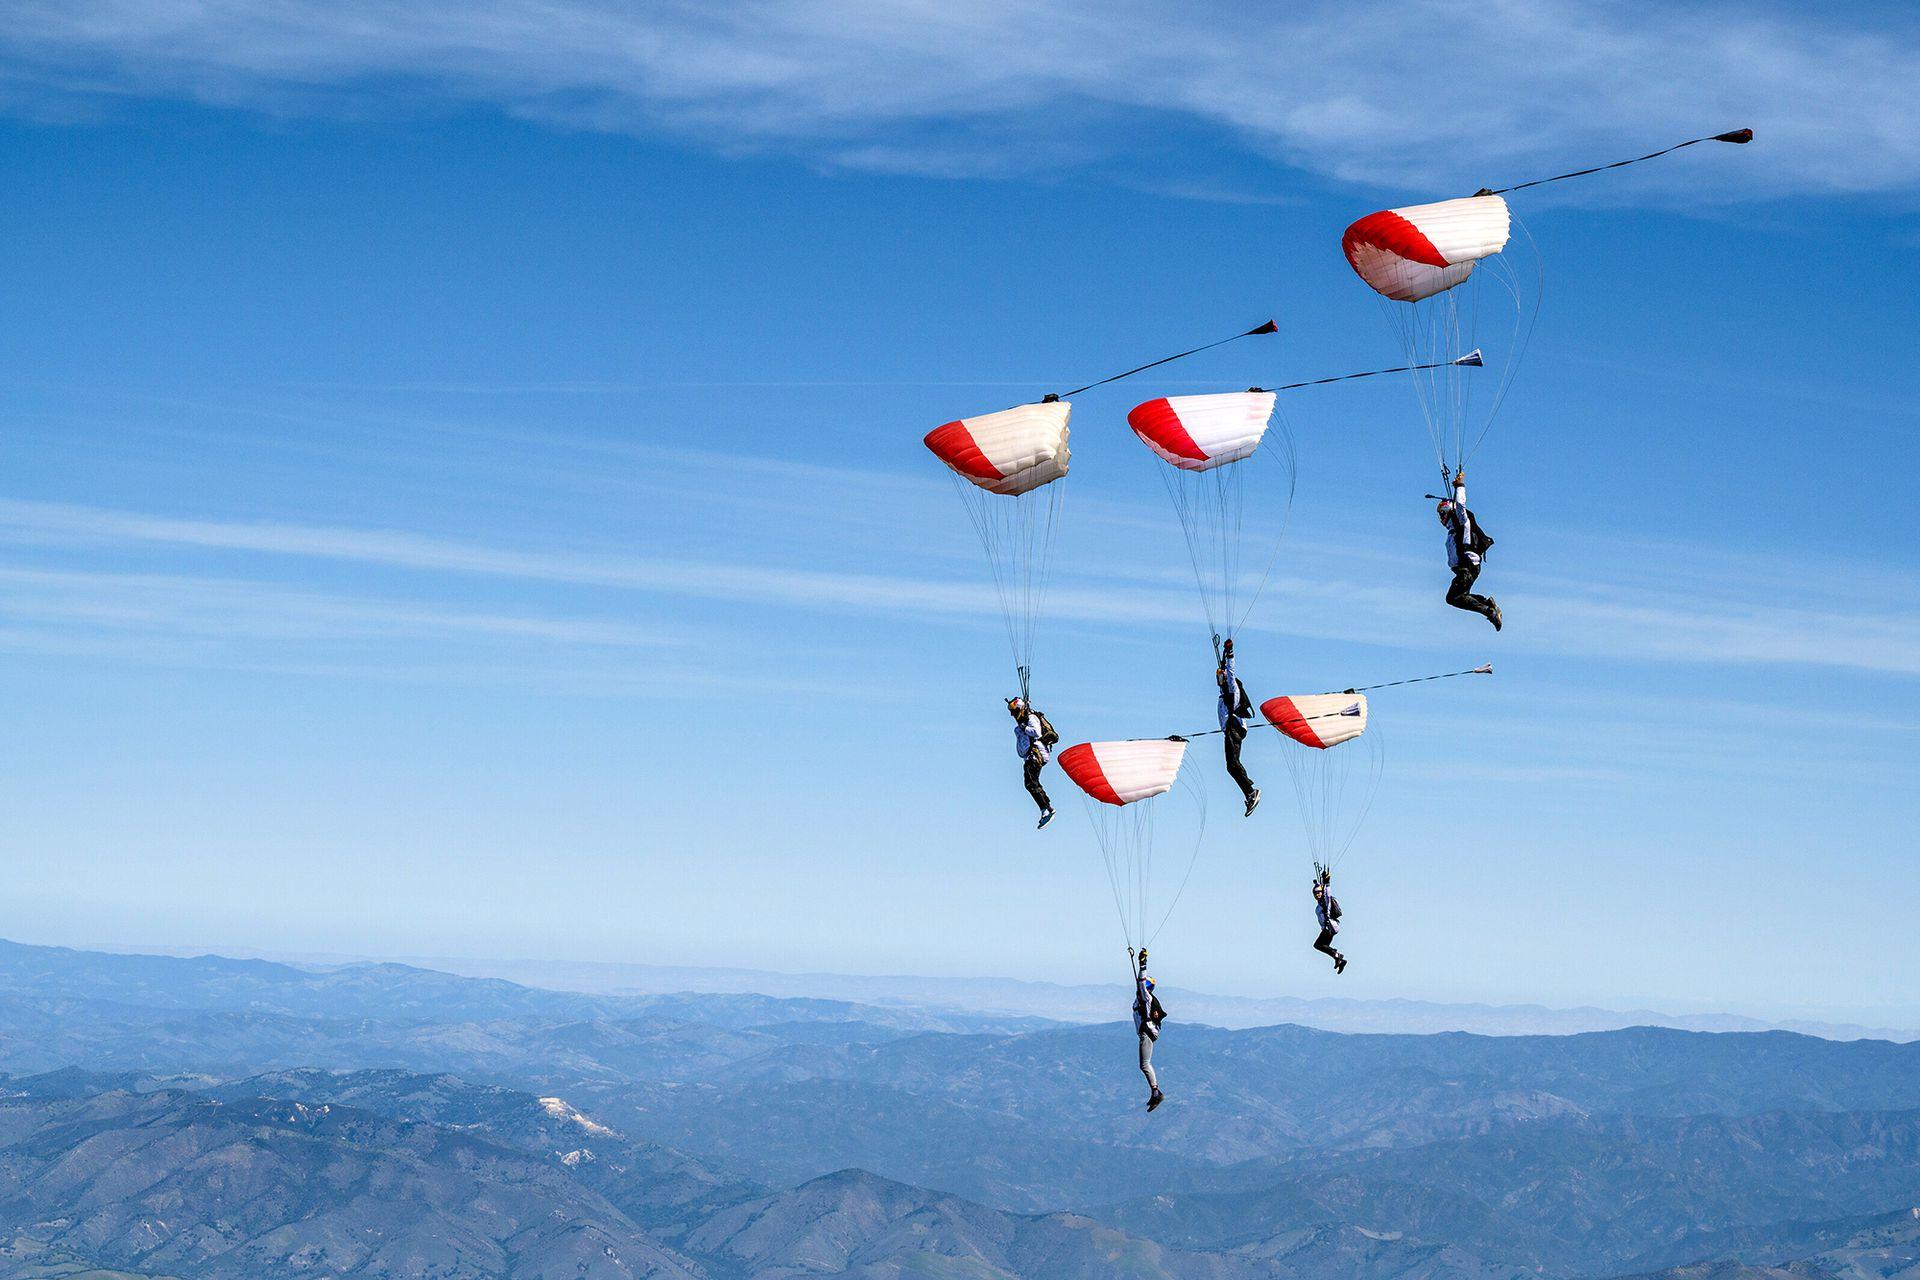 Los paracaidistas experimentados realizan una figura con el paisaje de Los Alamos al fondo